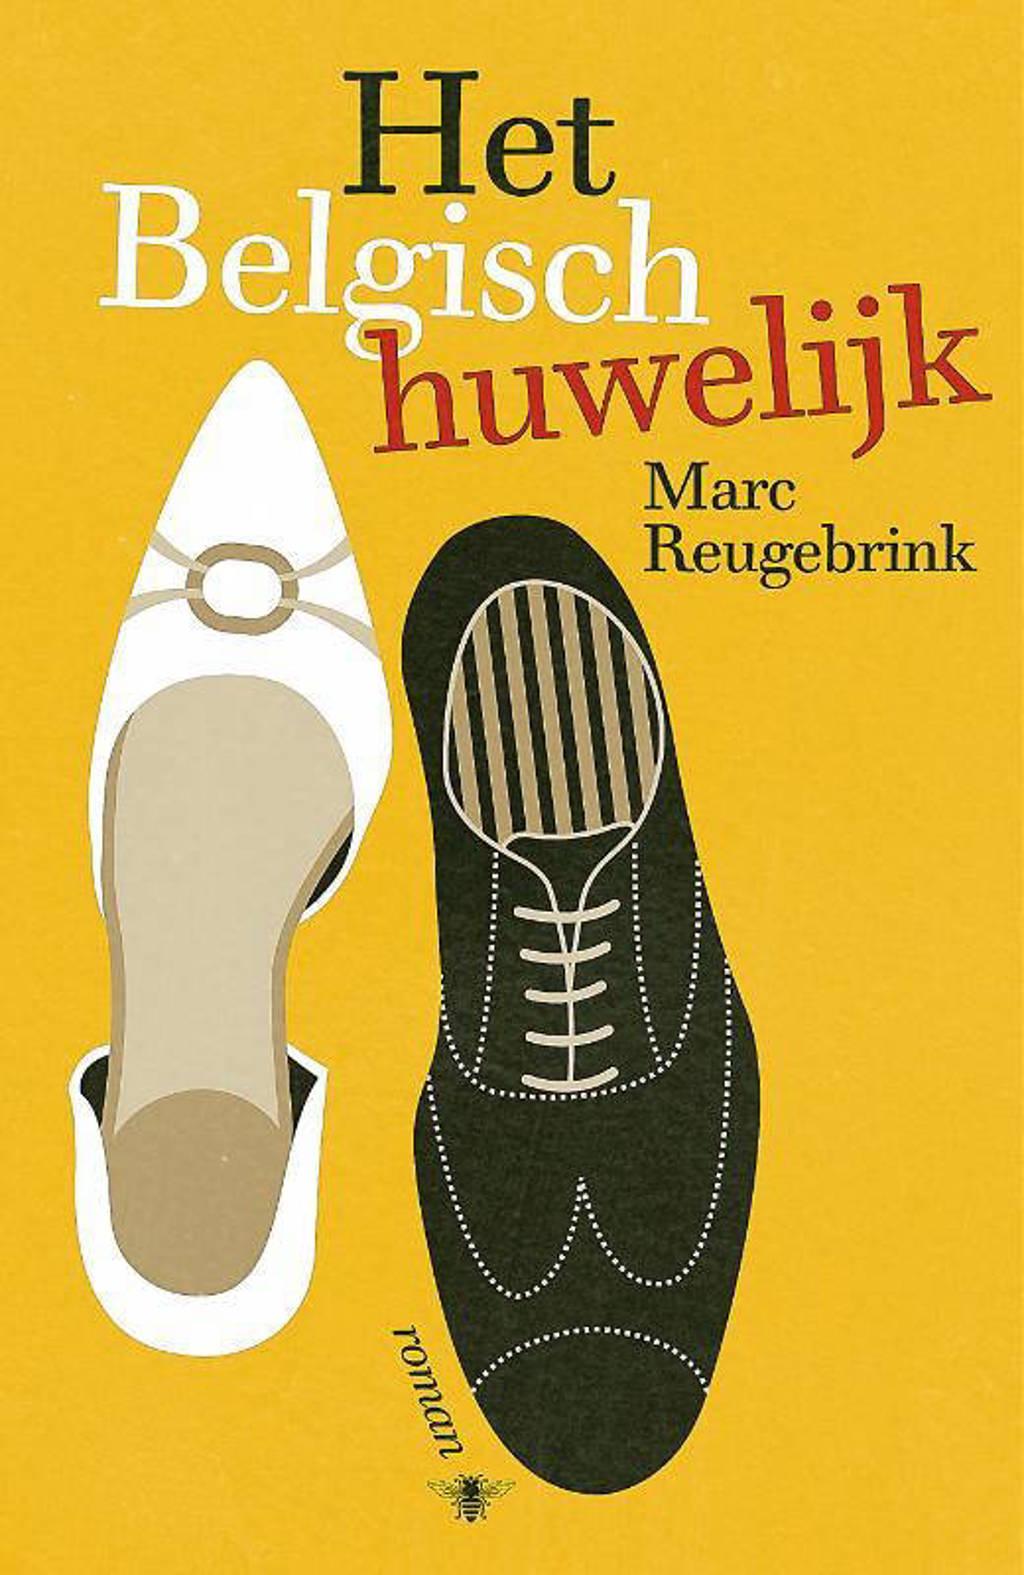 Het Belgisch huwelijk - Marc Reugebrink